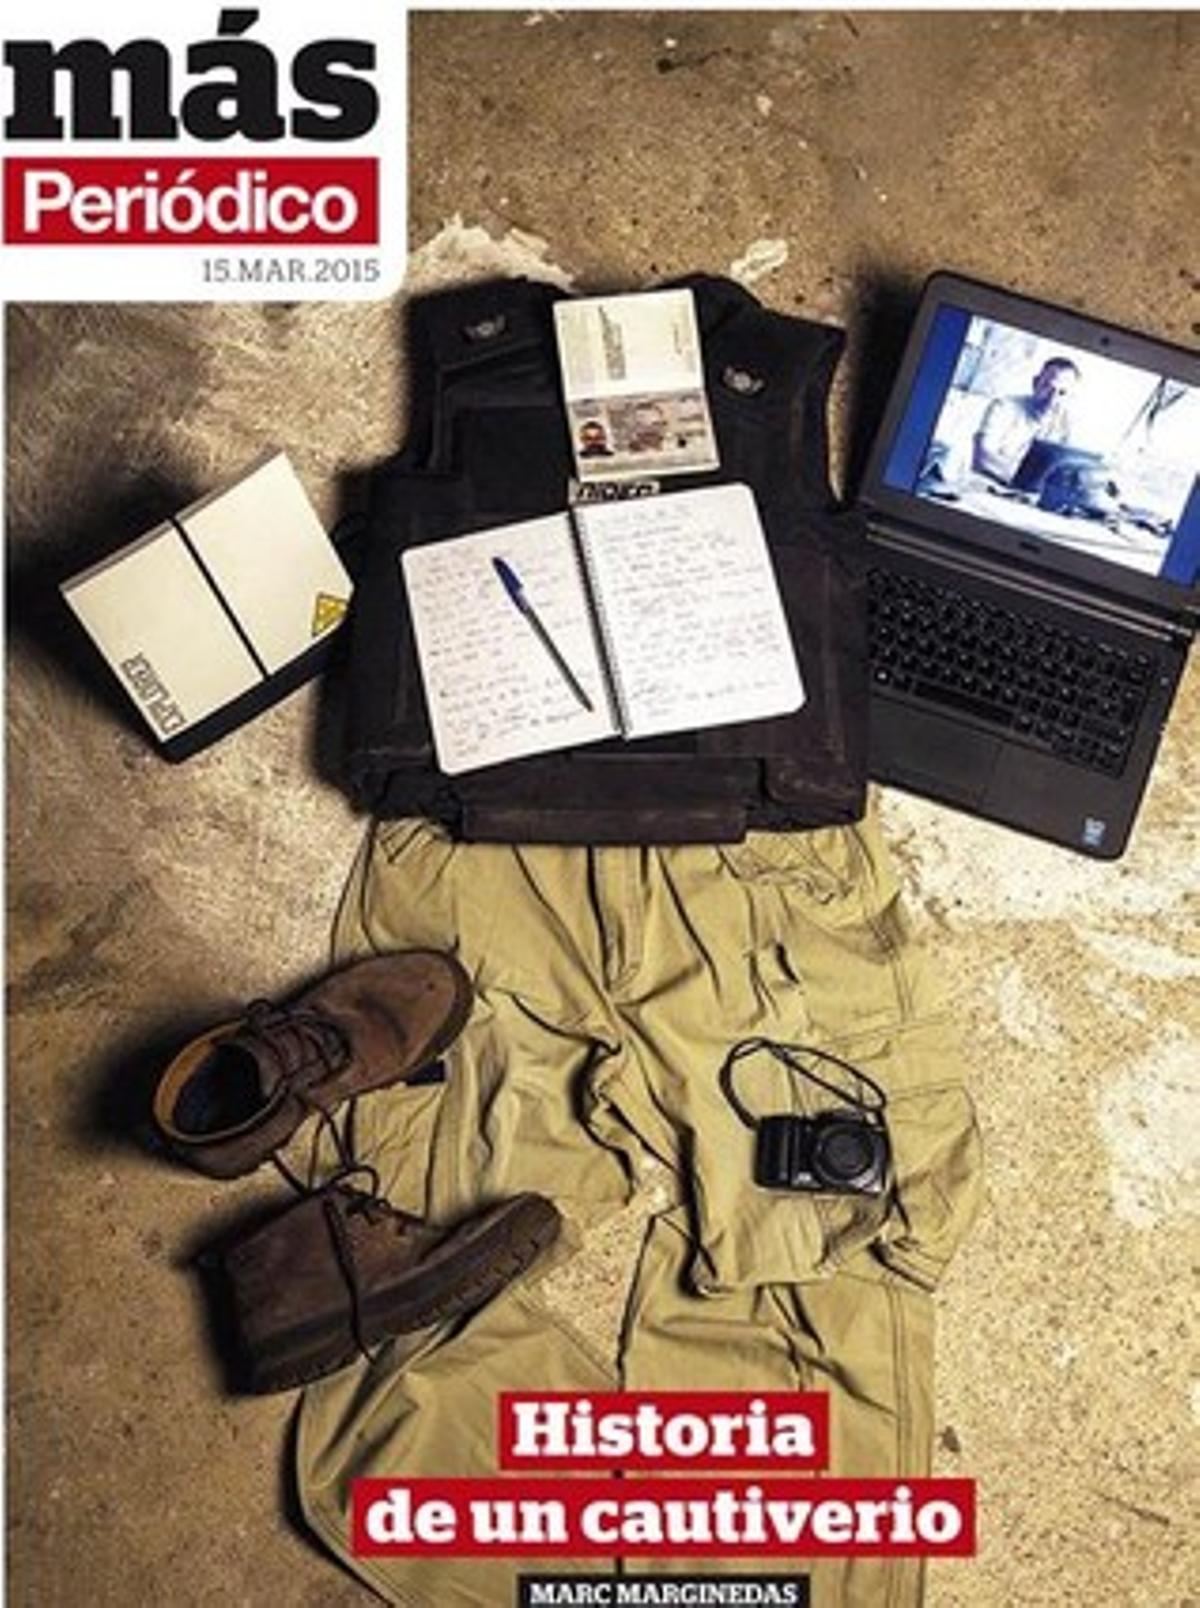 Portada del 'Más Periódico' de este domingo con las herramientas de trabajo de Marginedas.